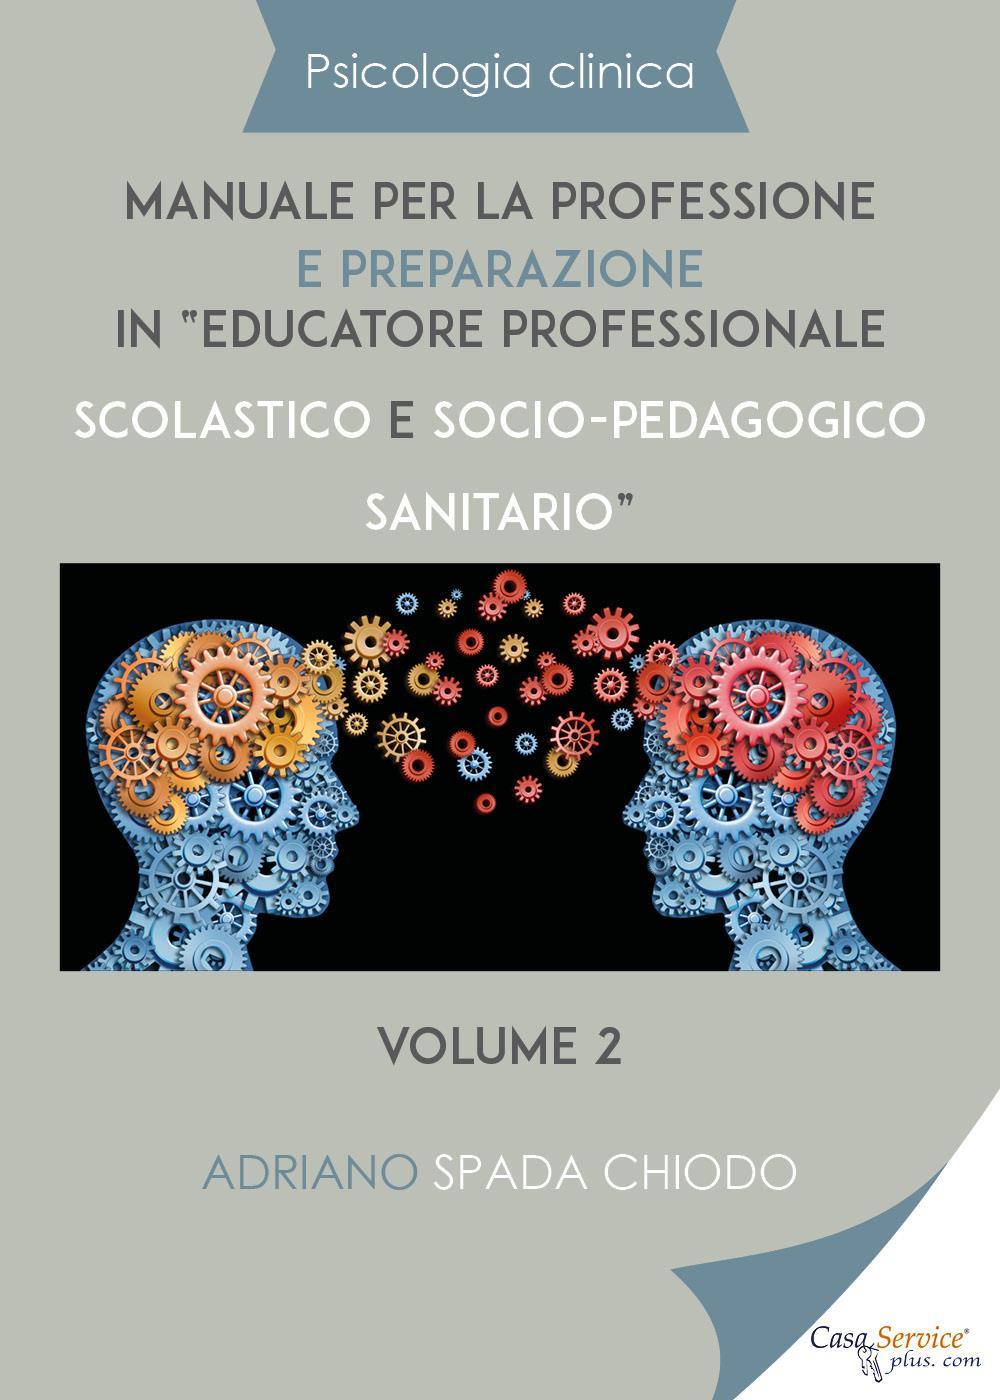 """Psicologia clinica - Manuale per la professione e preparazione in """"educatore professionale scolastico e socio-pedagogico sanitario"""" – Volume II"""